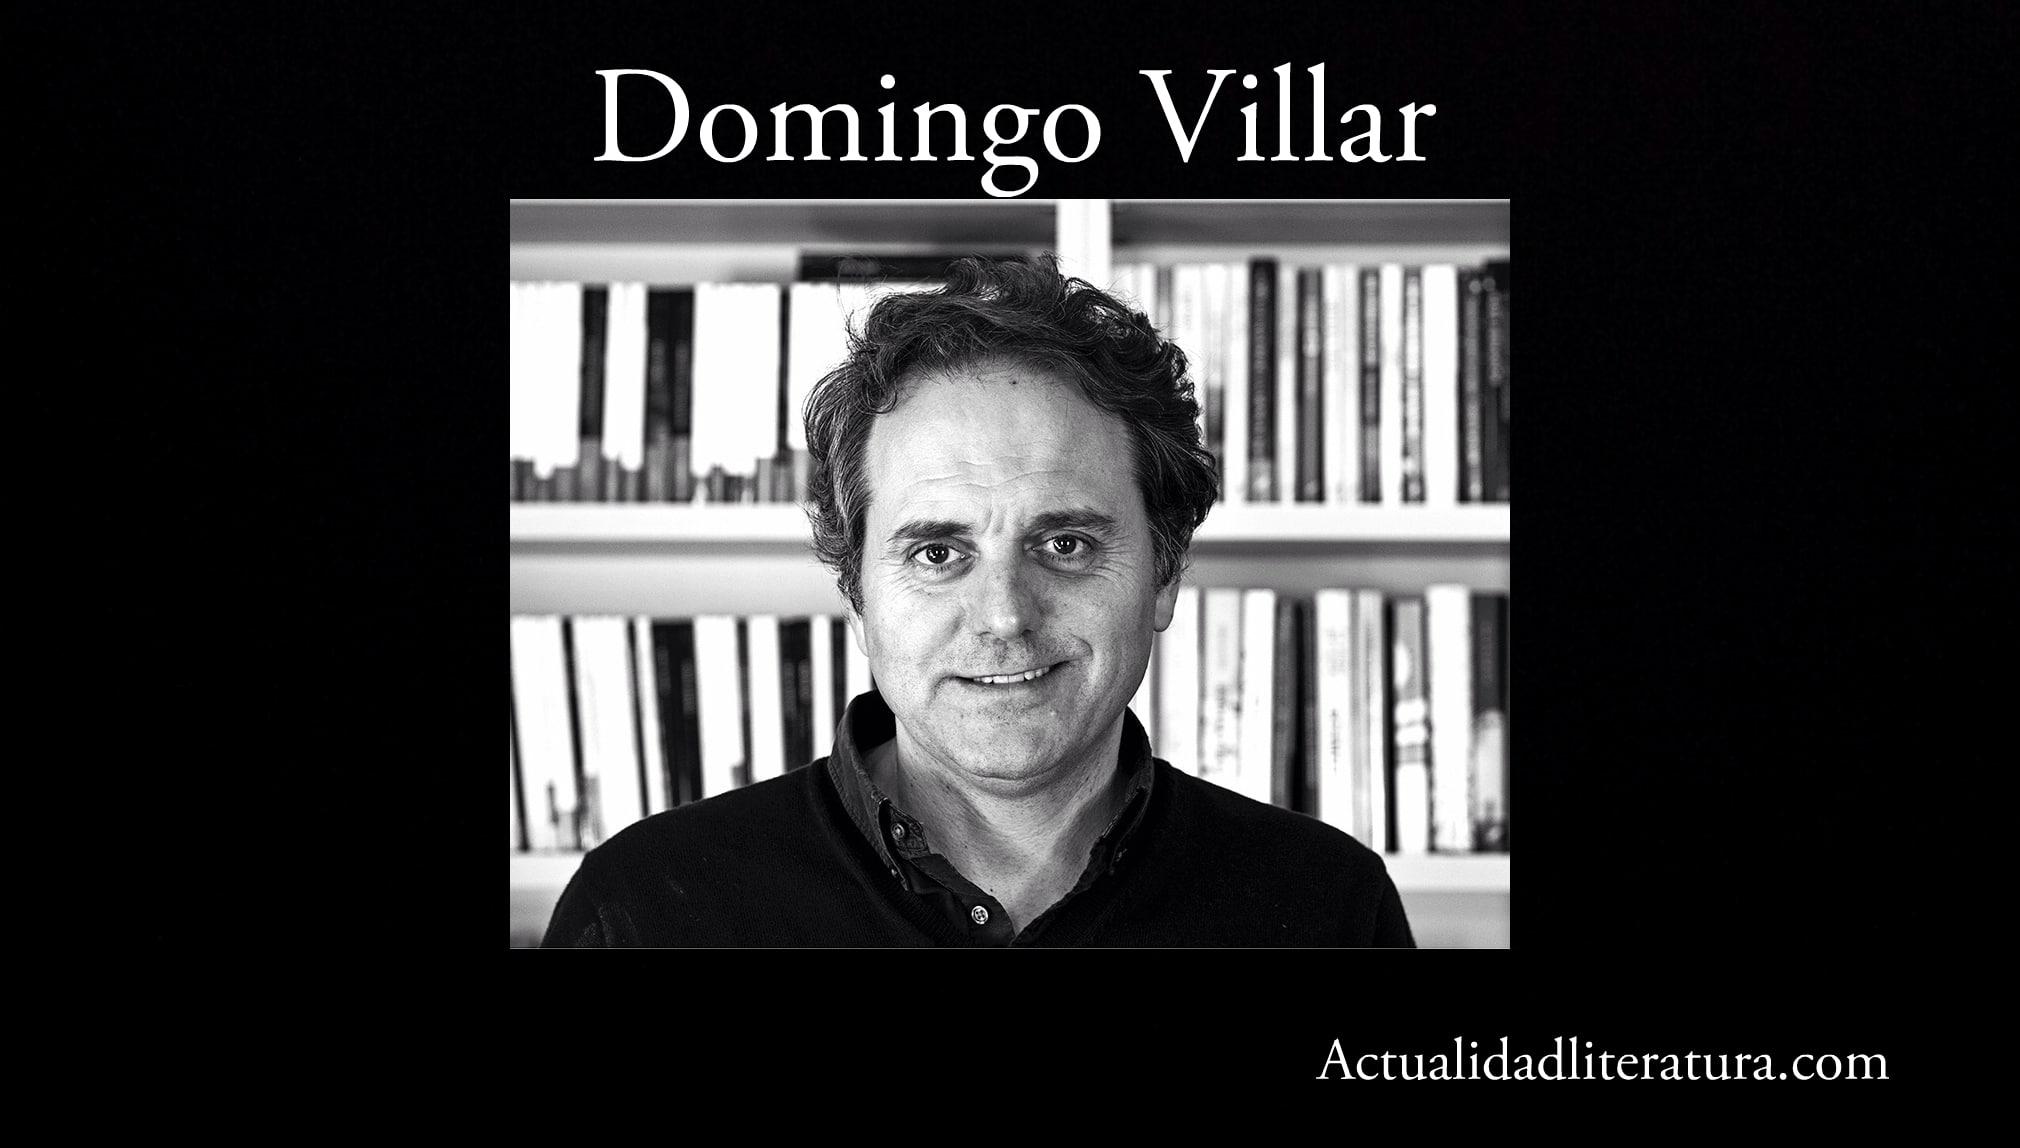 Domingo Villar.